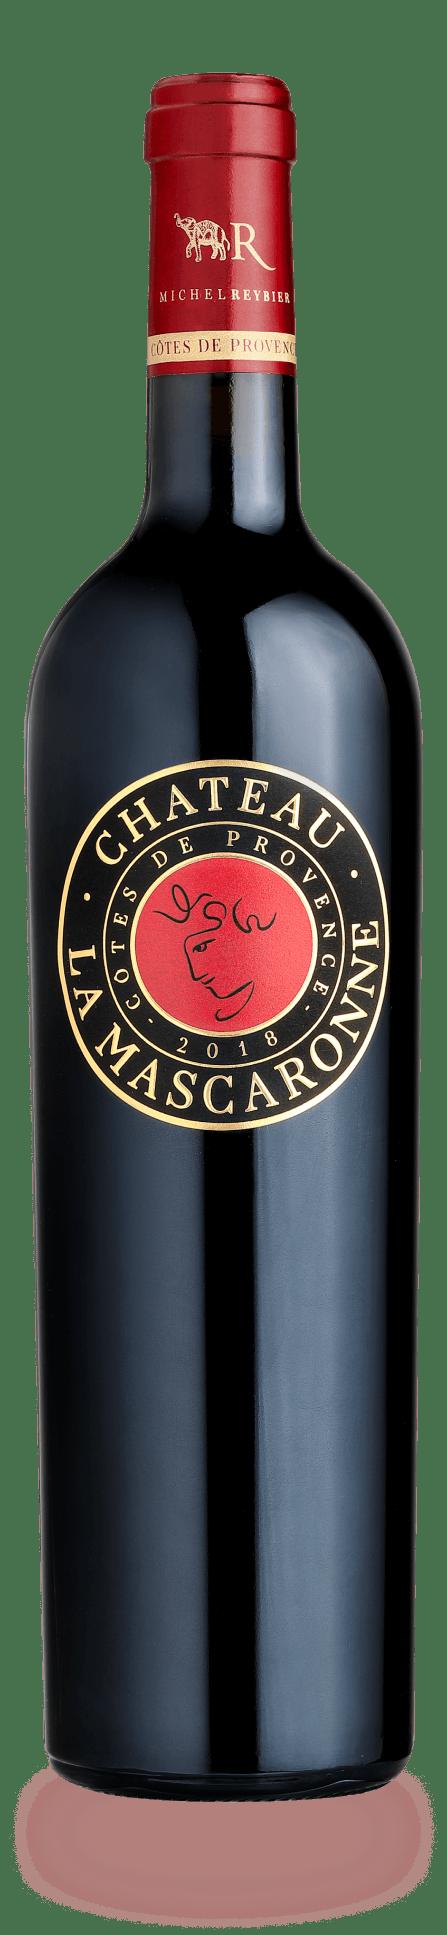 Château La Mascaronne Rouge